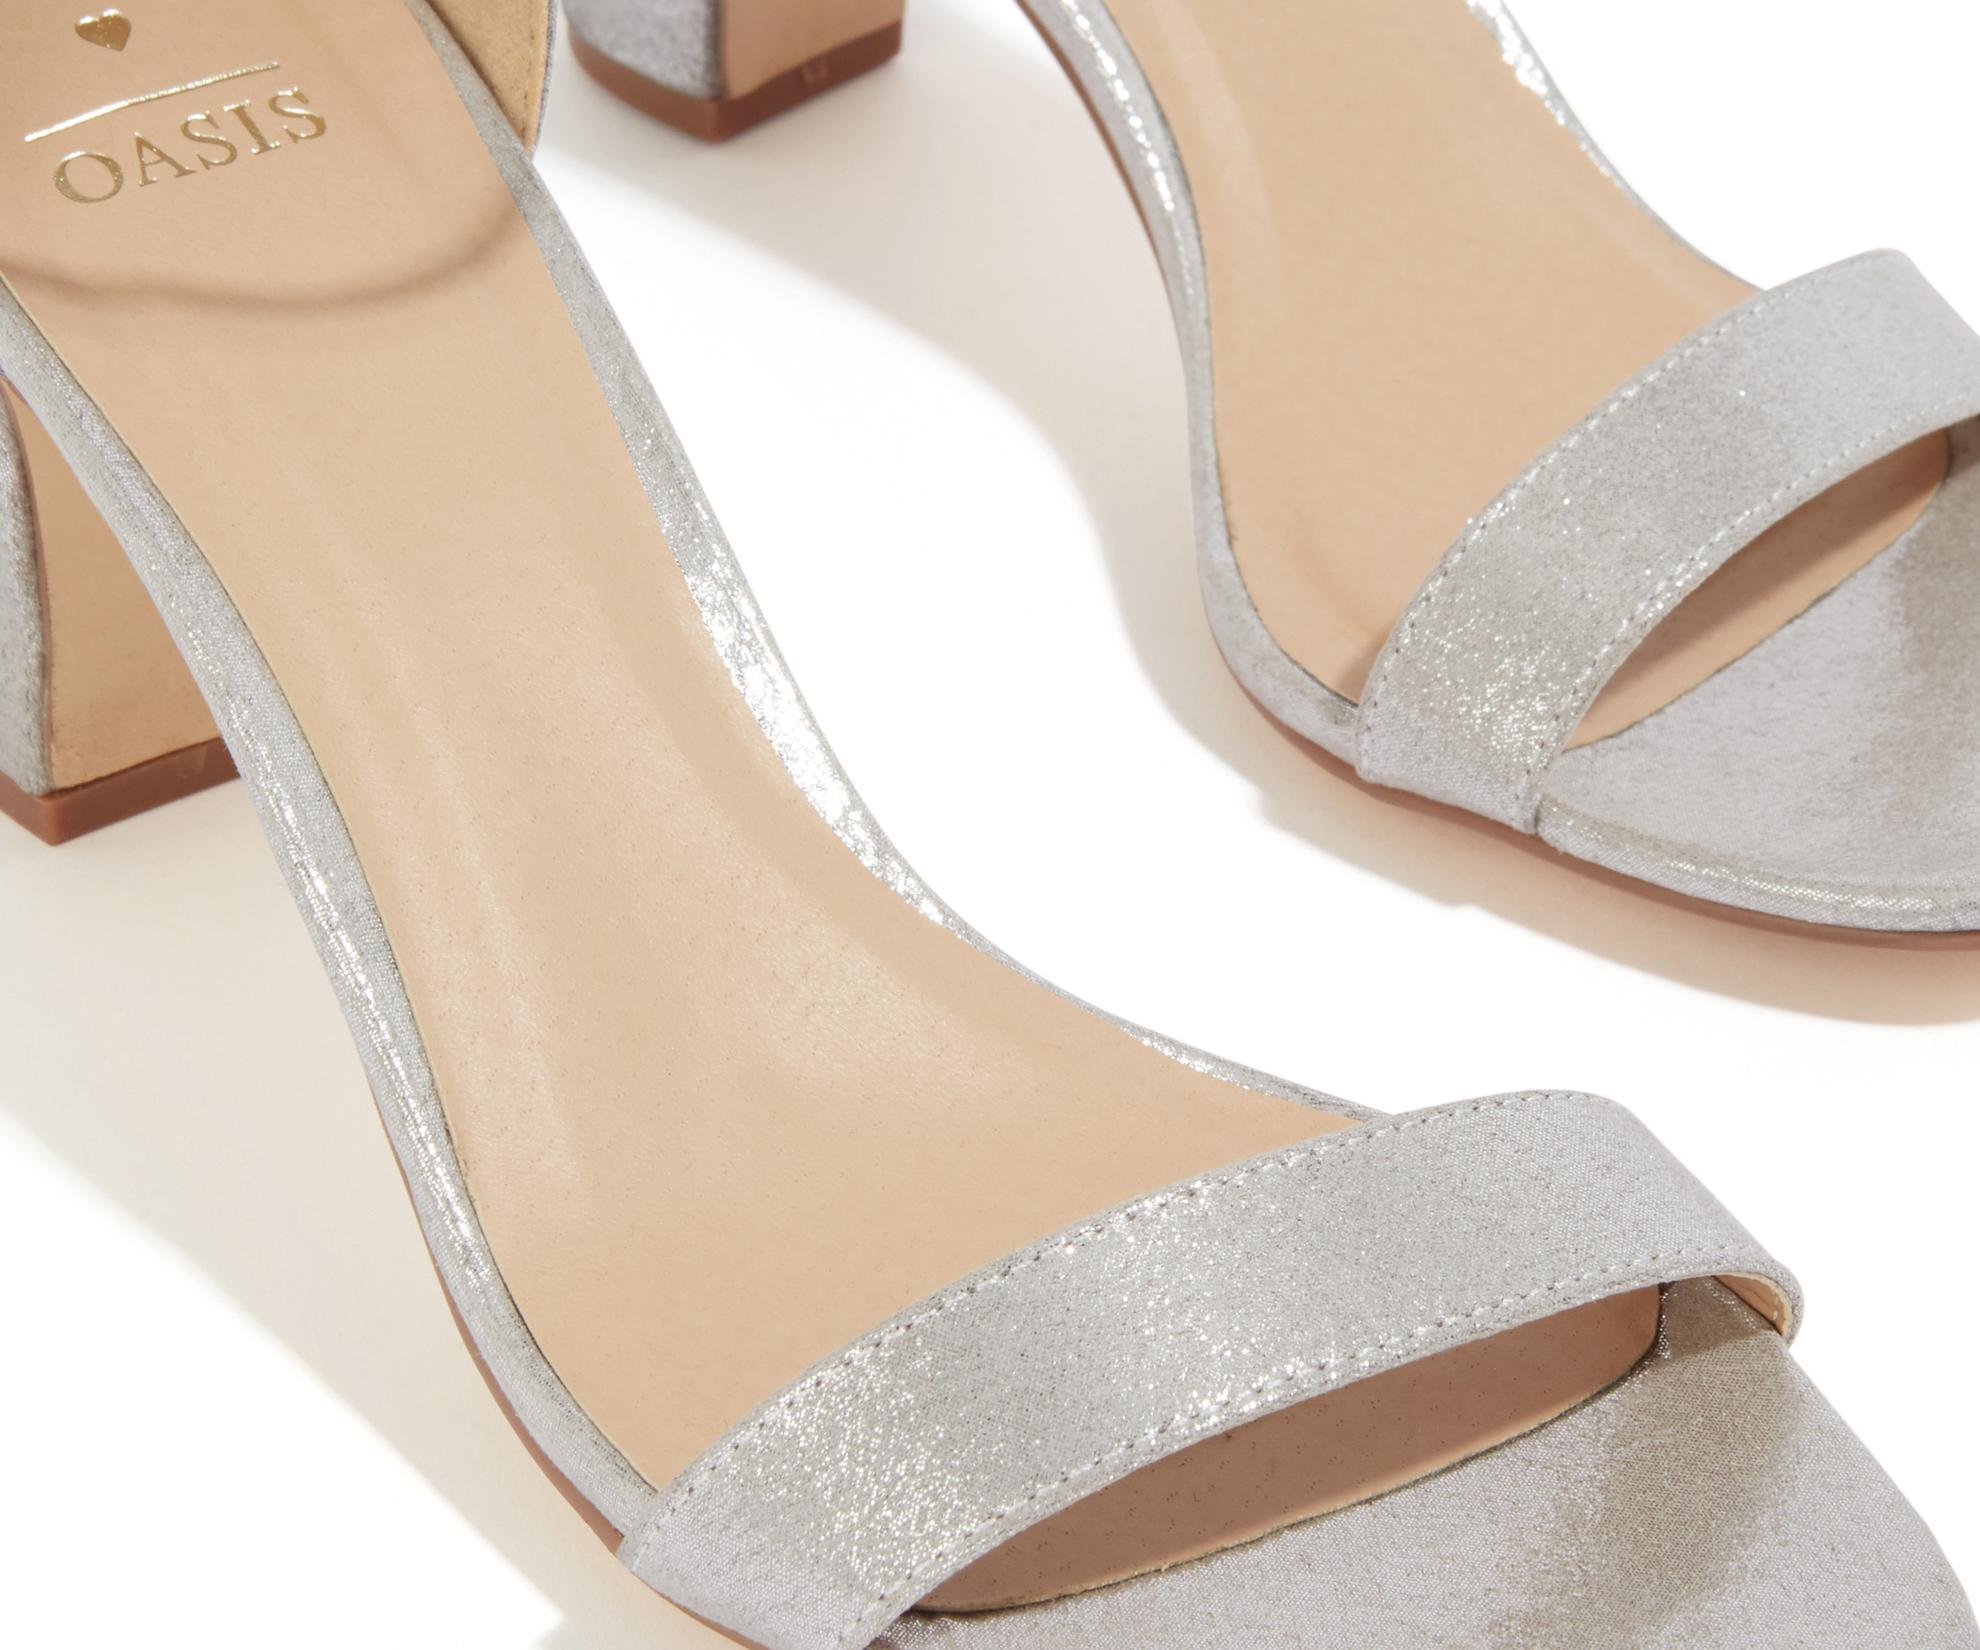 5ec11e145341 Oasis Bridesmaid 2 Part Block Heel in Metallic - Lyst